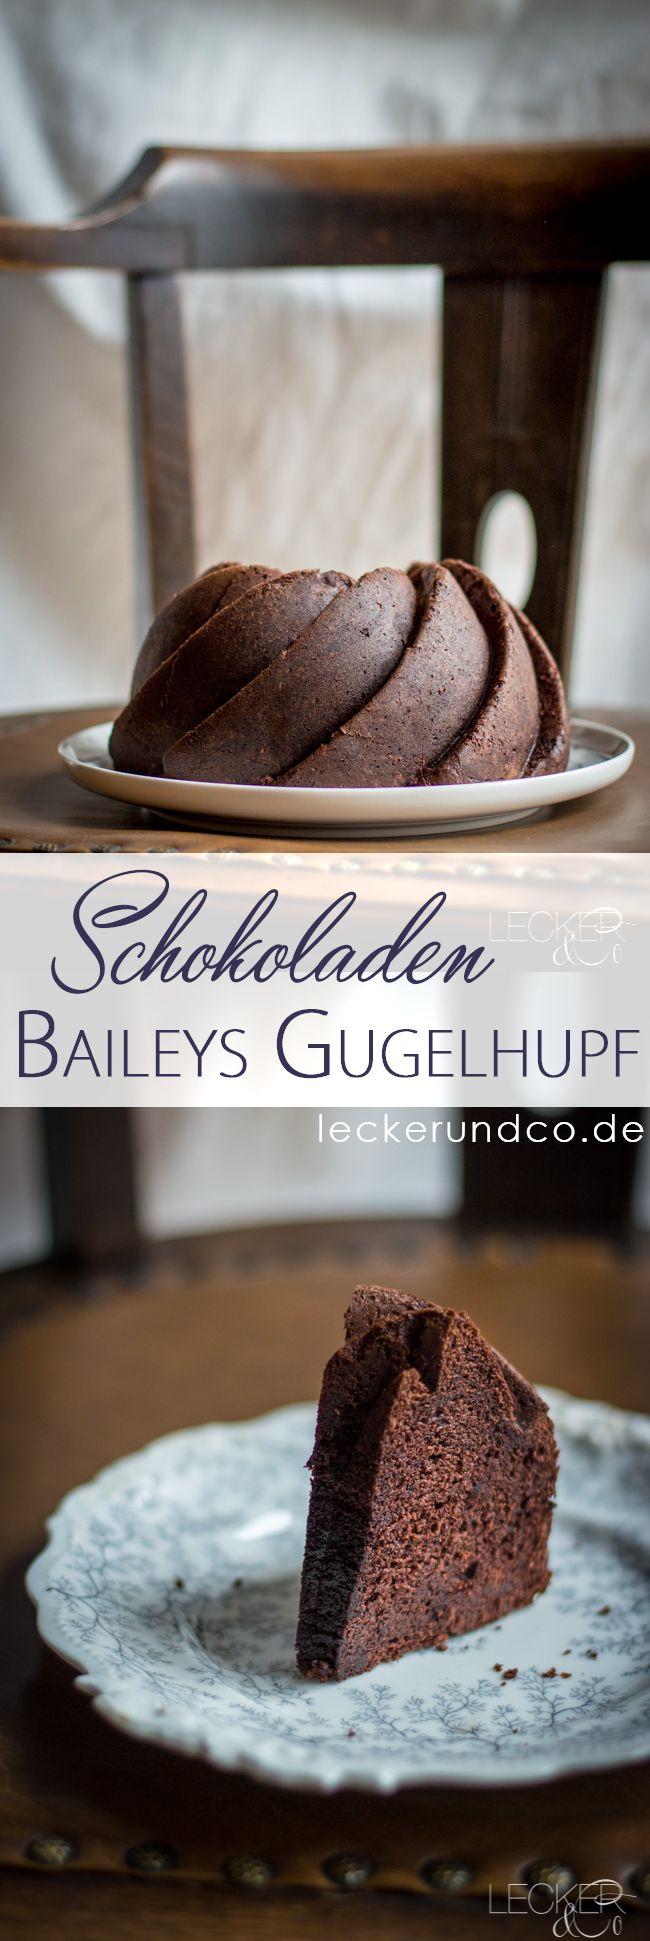 Schokoladen Baileys Gugelhupf | Saftigster Schokoladenkuchen